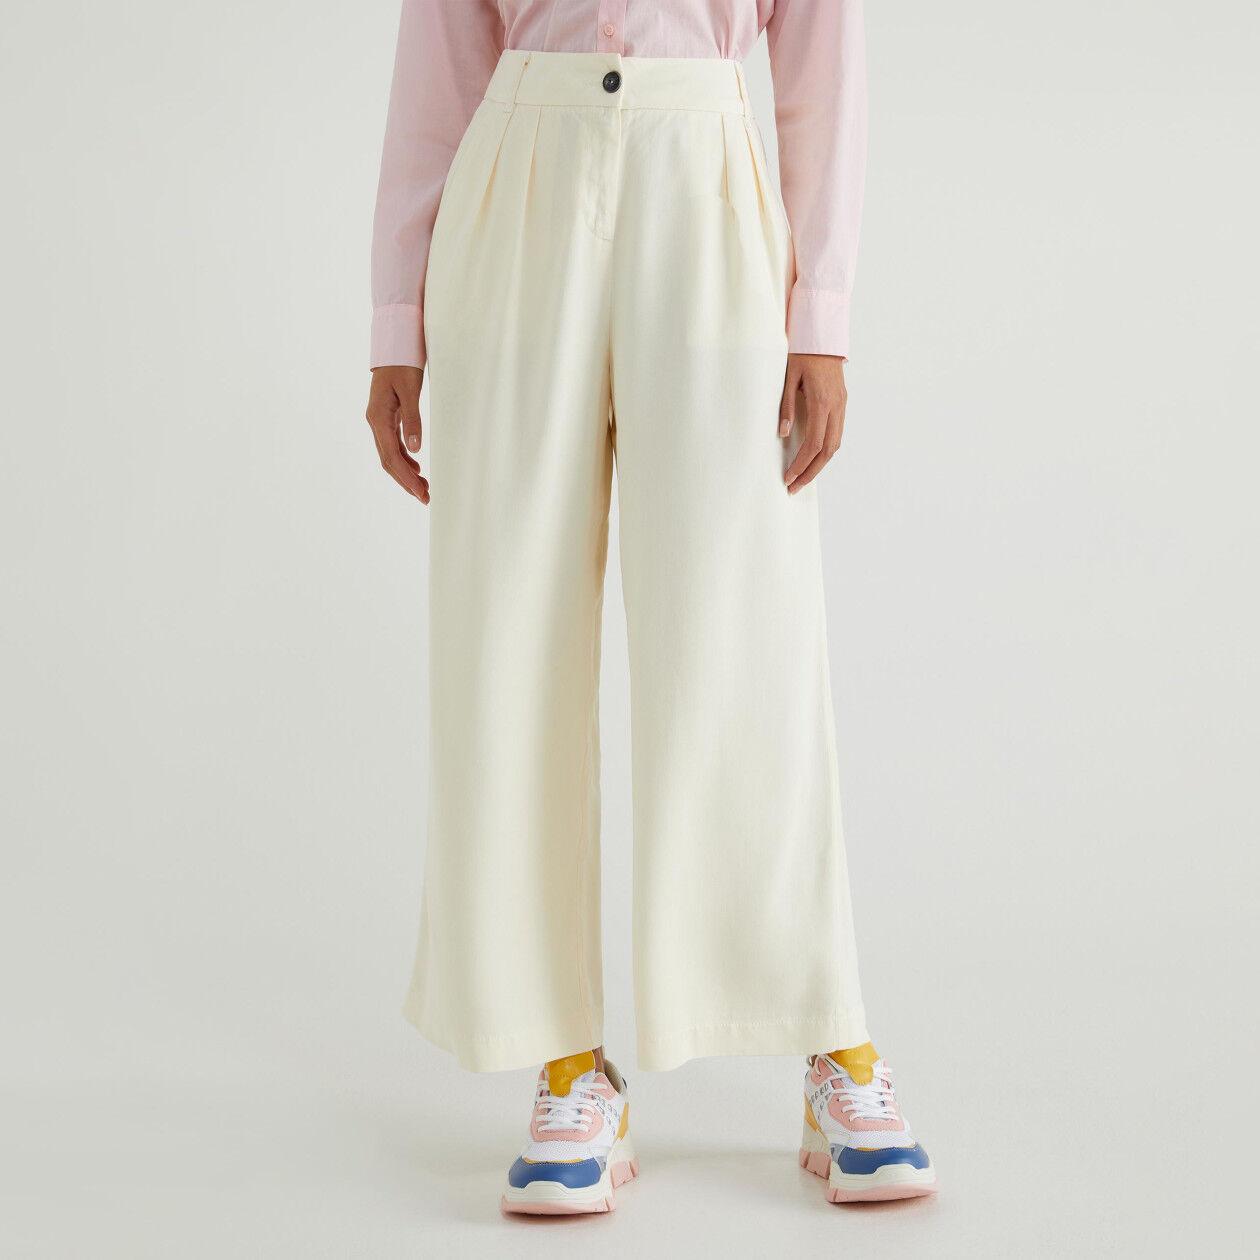 Culottehose